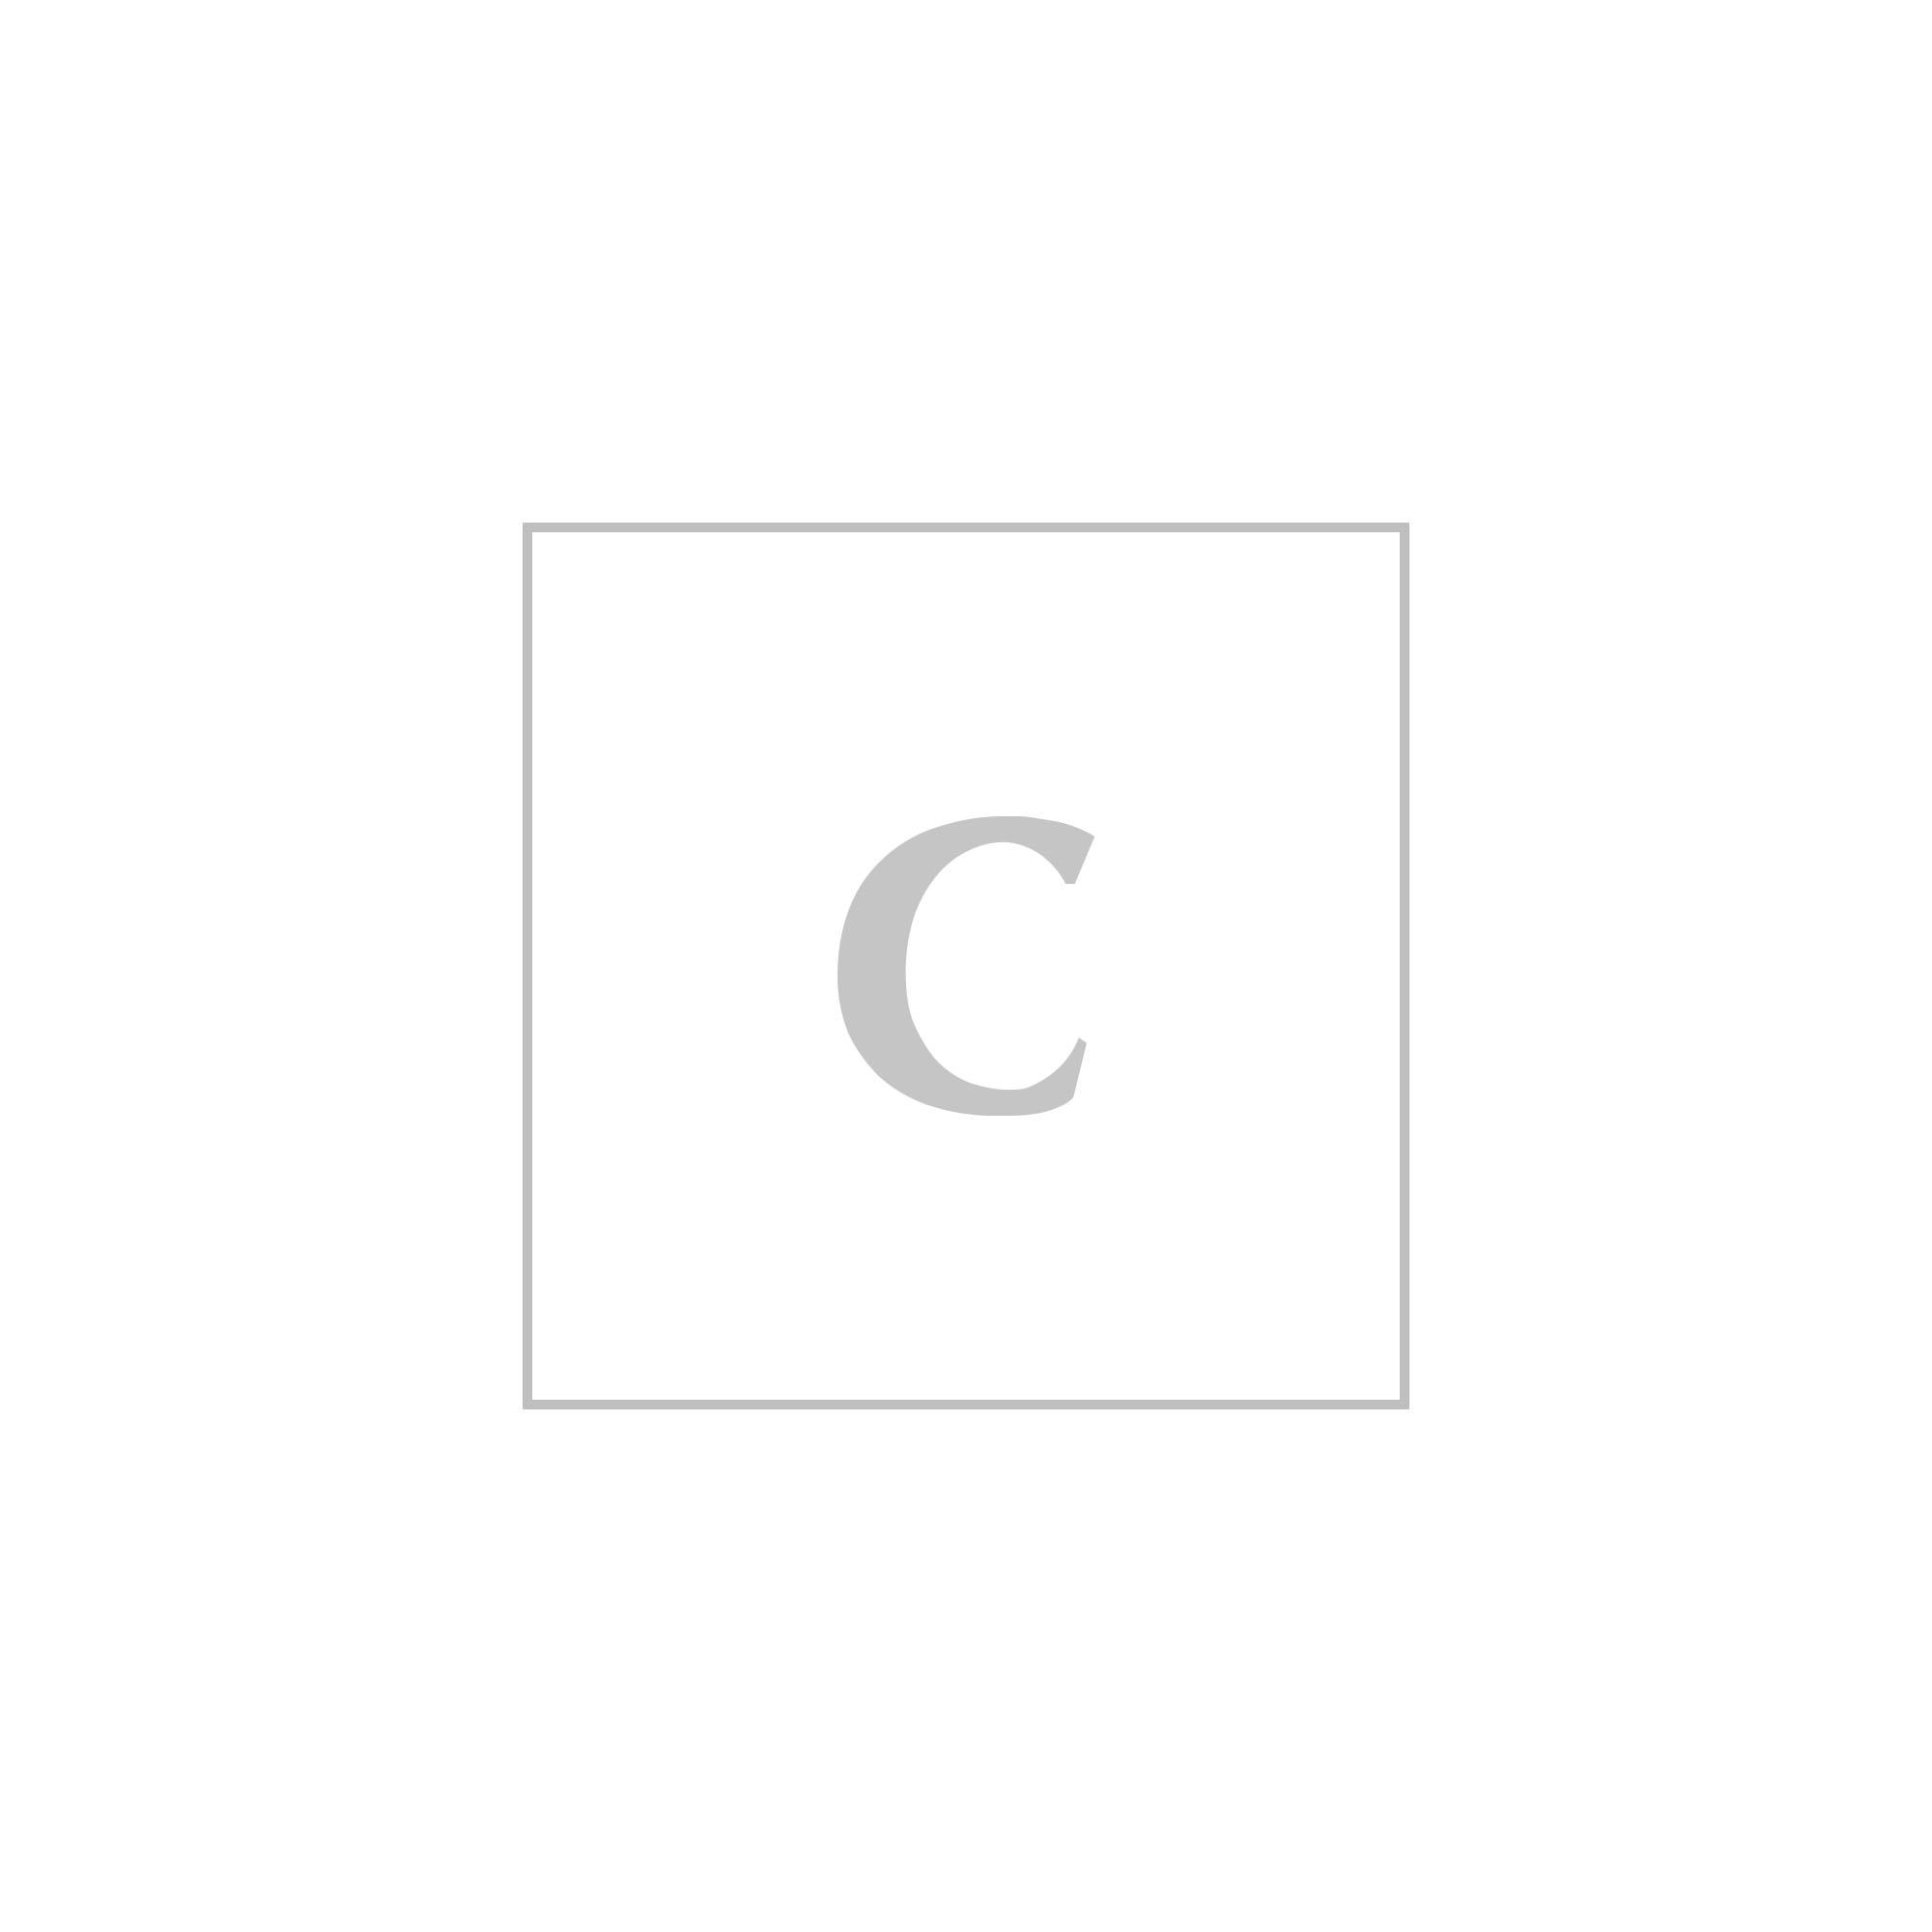 calvin klein 205w39nyc abbigliamento donna piumino oversize